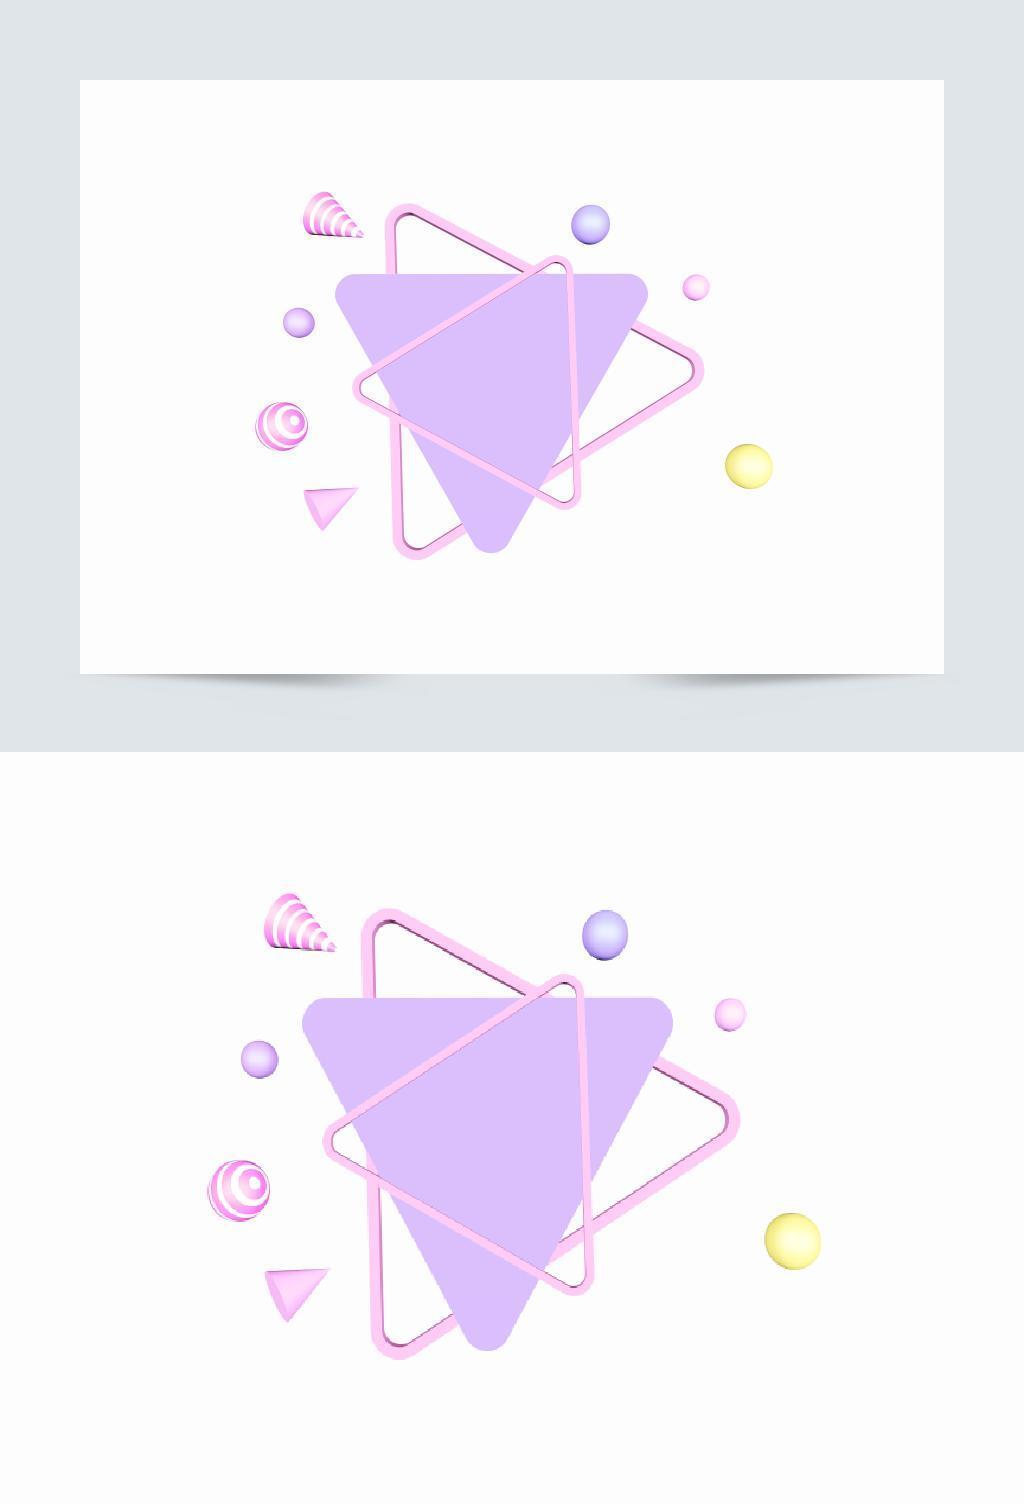 电商c4d粉紫色三角形立体背景舞台